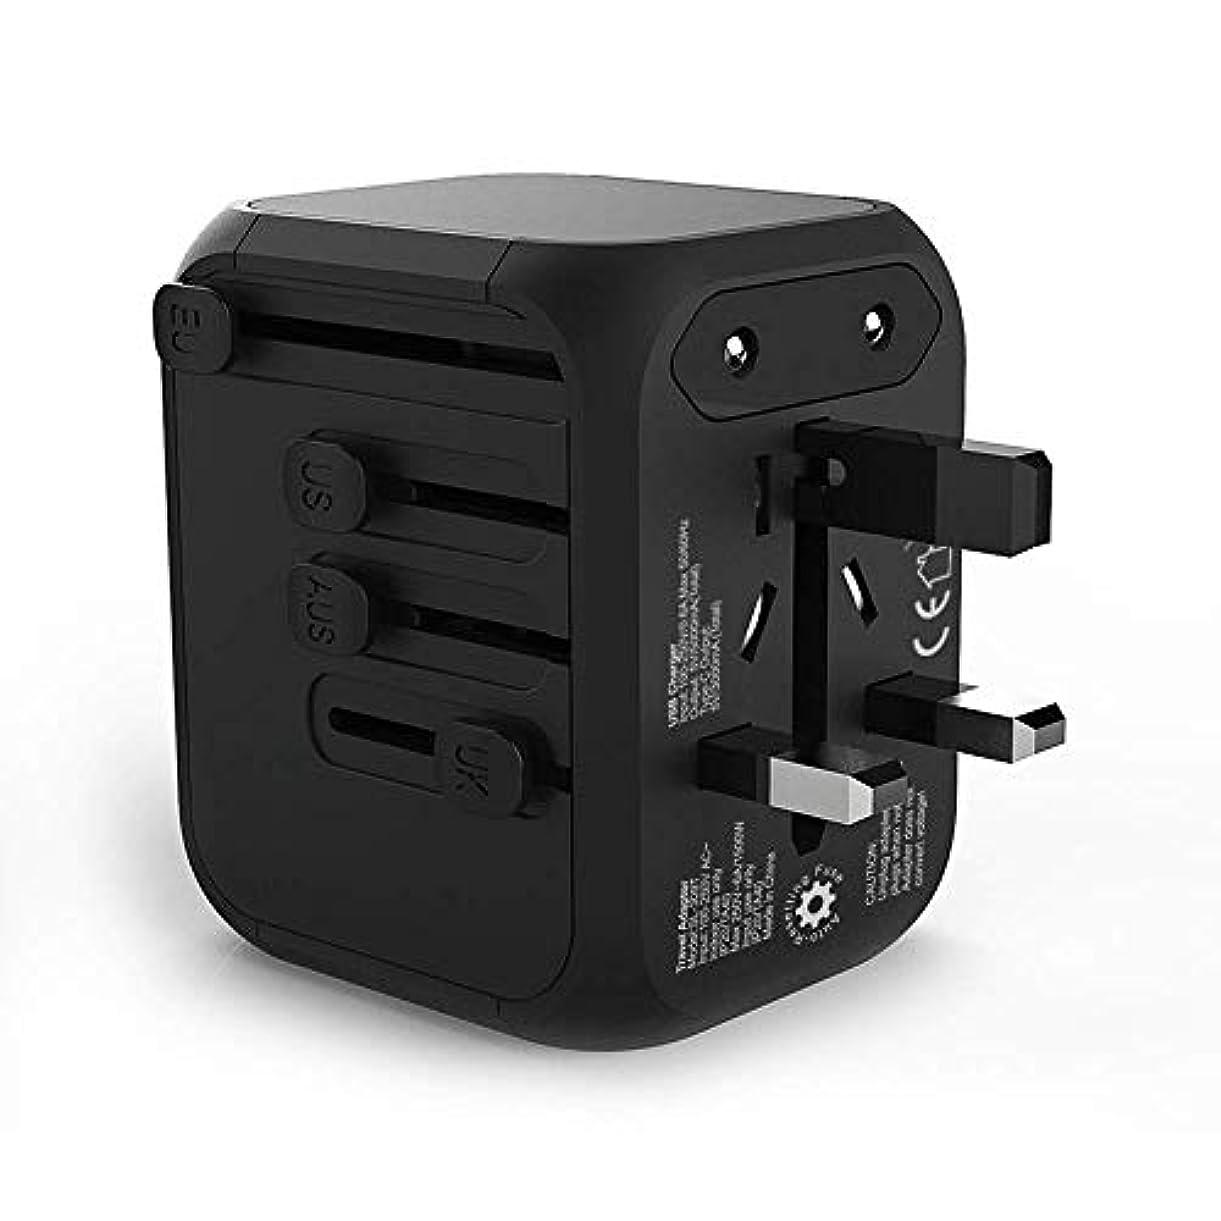 意識知事洪水USB充電器プラグ、各国用ソケット穴、ウォールチャージャー、5.0A、1Type-c、3ポートUSBプラグ充電器、iOS、iPad、タブレット、パワーバンク、ホーム、オフィス、ブラック用